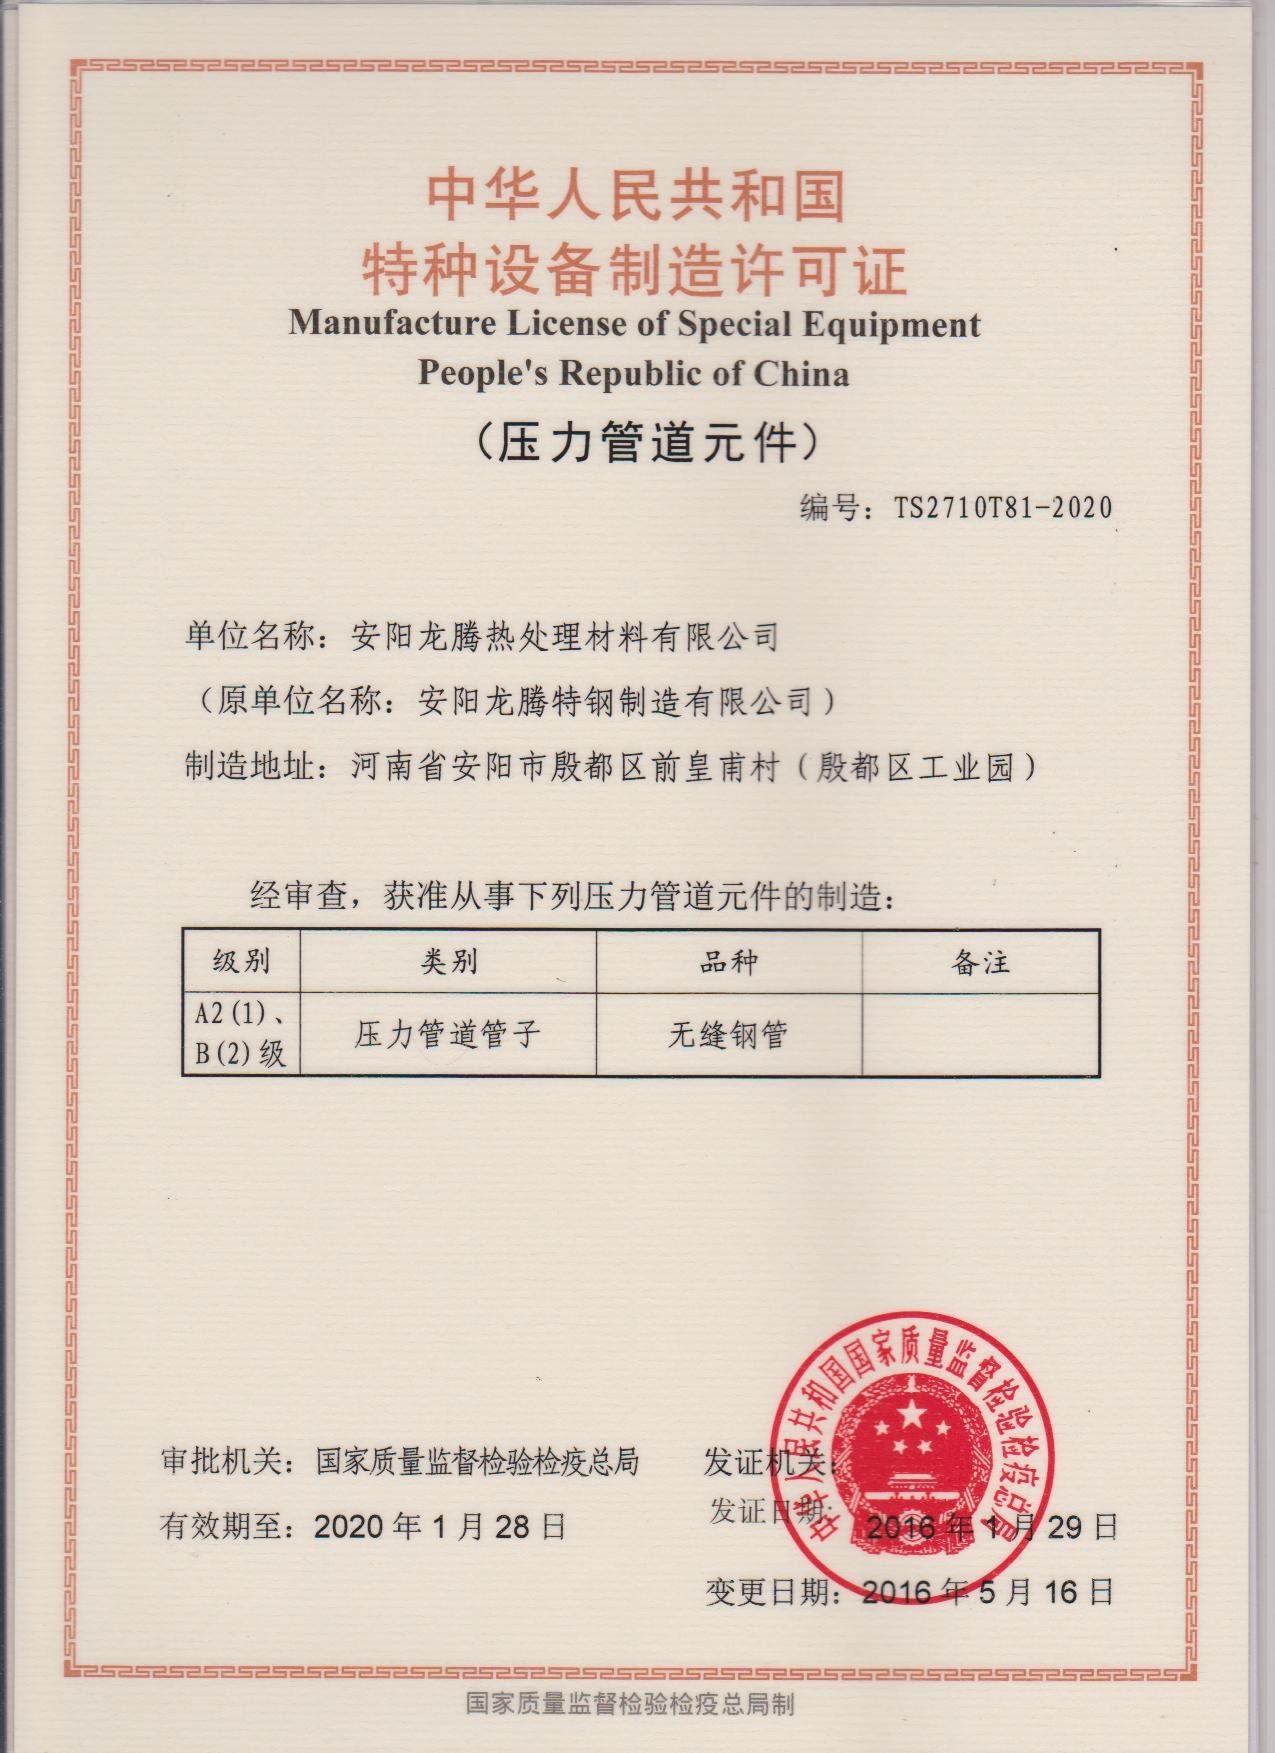 特种设备生产许可证正本